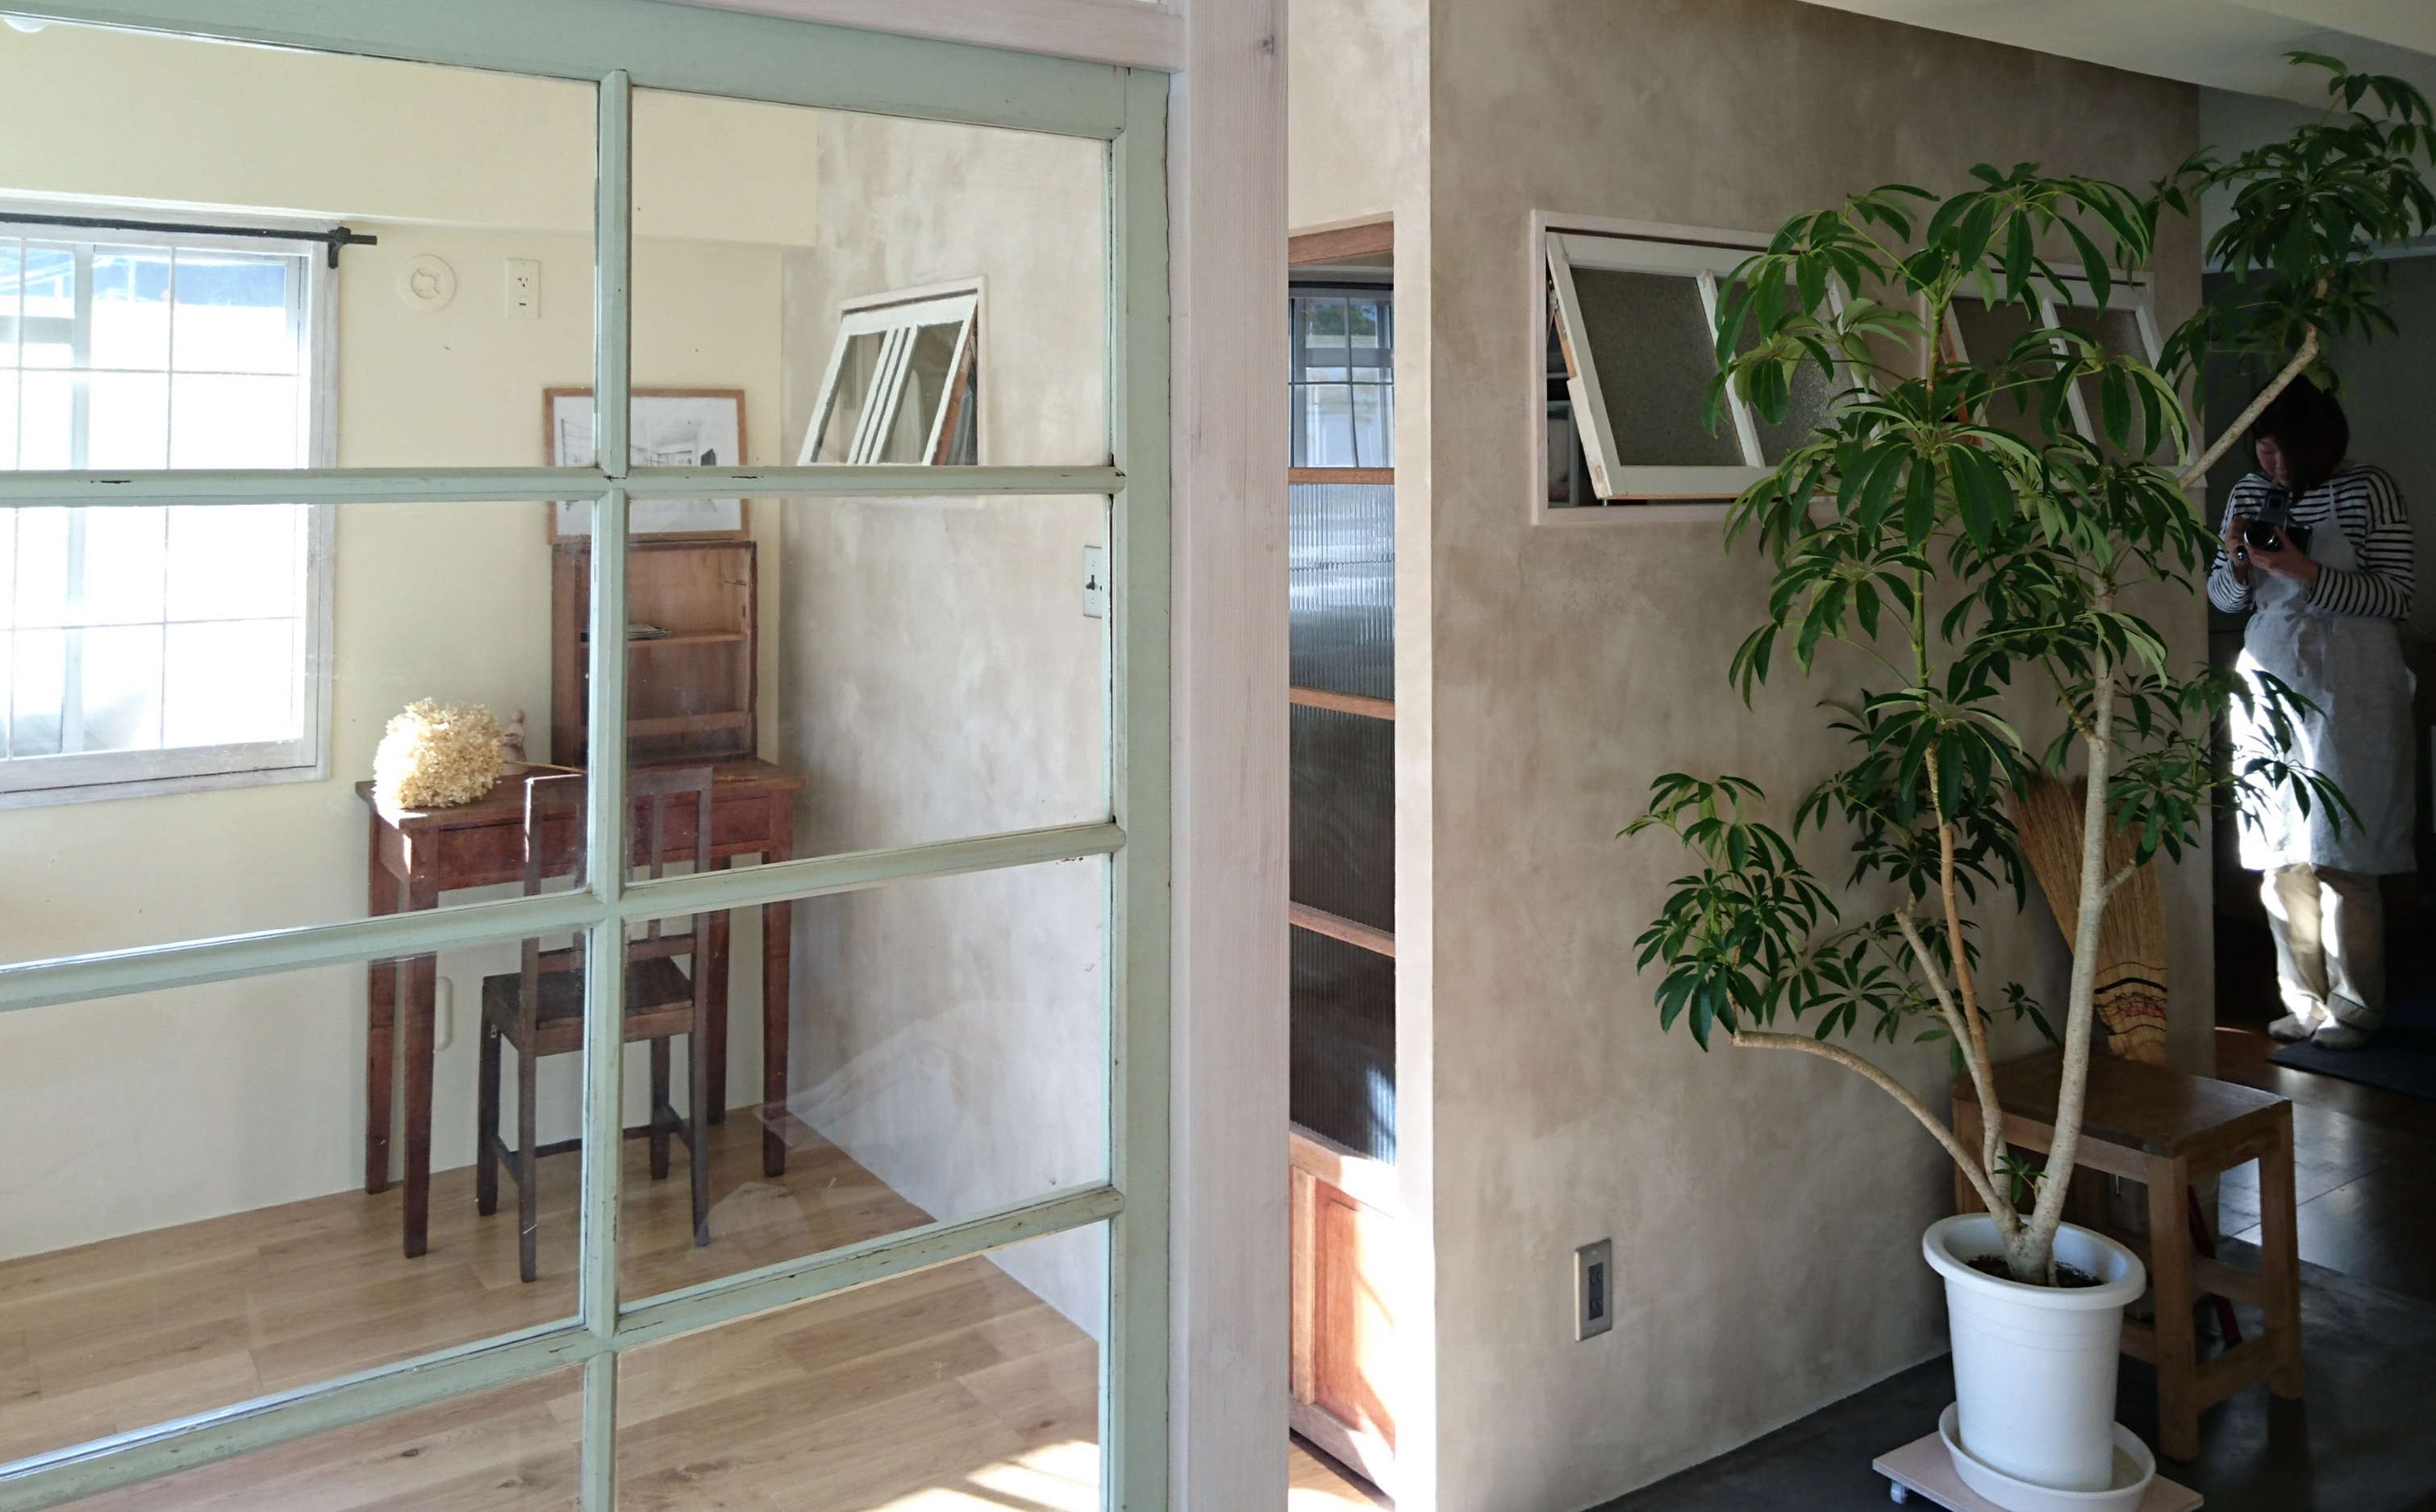 中央に配置した小さな小屋はクローゼット。左官仕上げの壁面はどこの空間にいても感じられ、いいなって思っている好きな佇まいを部屋中で感じられるようになりました。